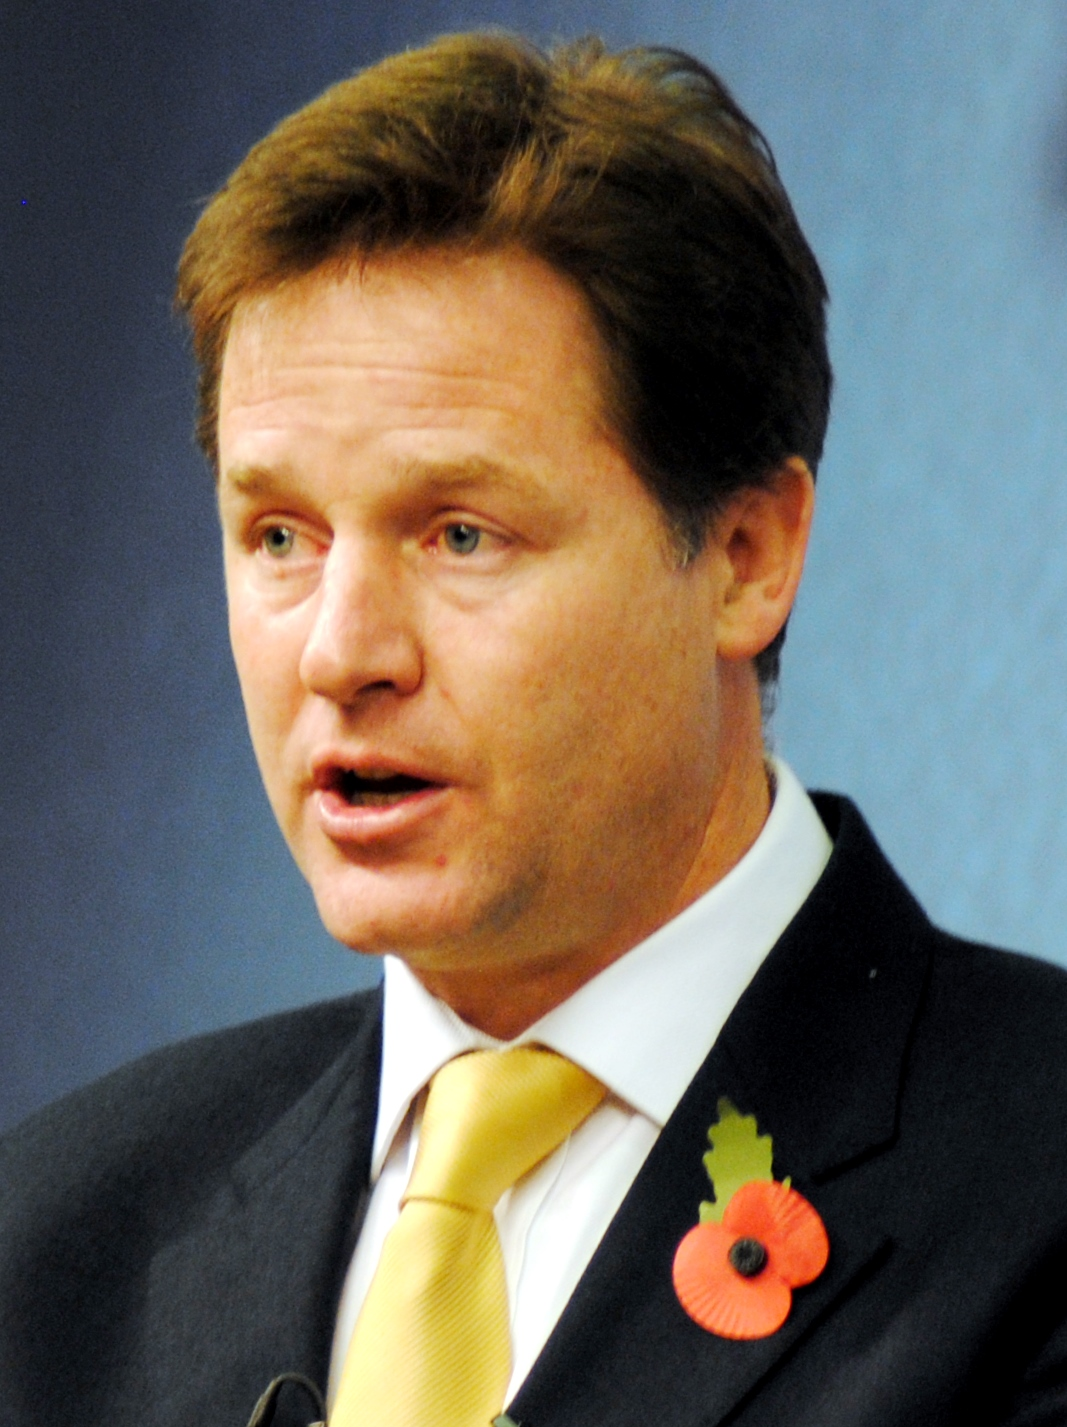 Poet Nick Clegg